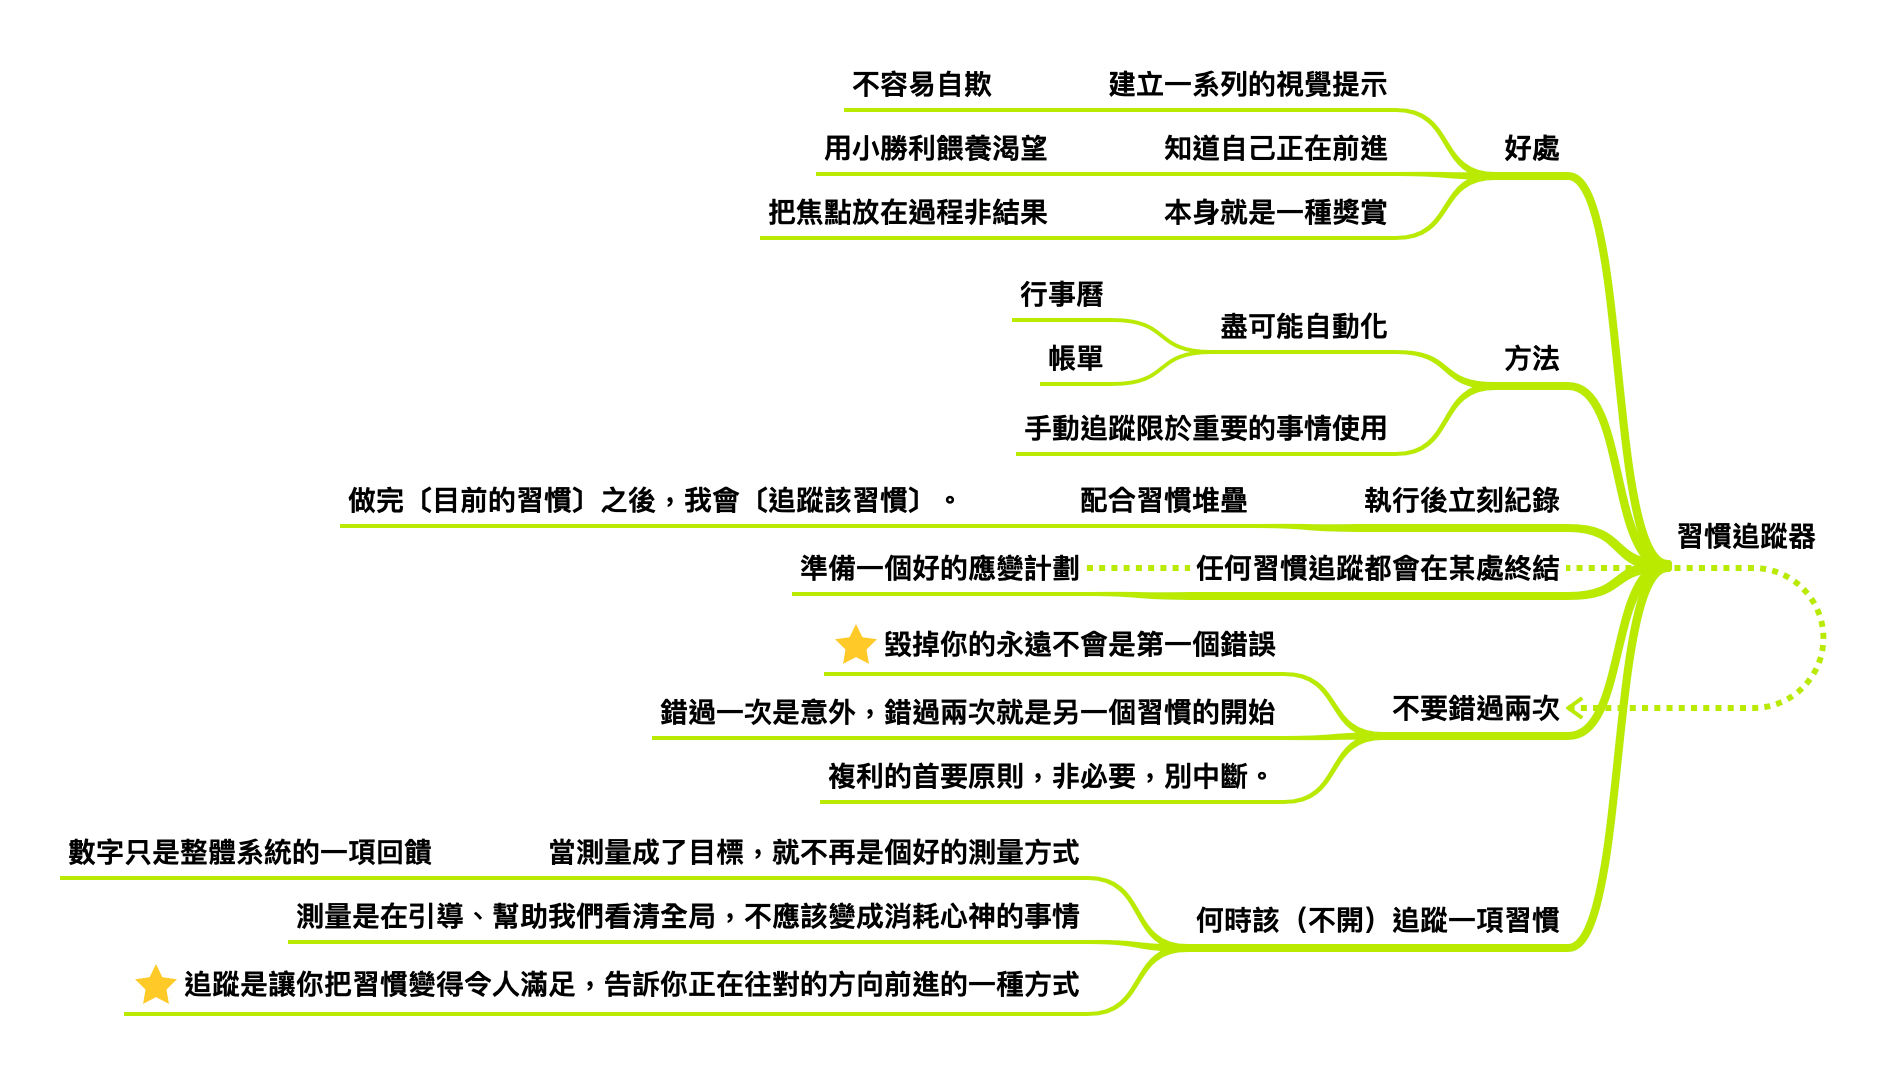 習慣追蹤器的概念,整理自《原子習慣》